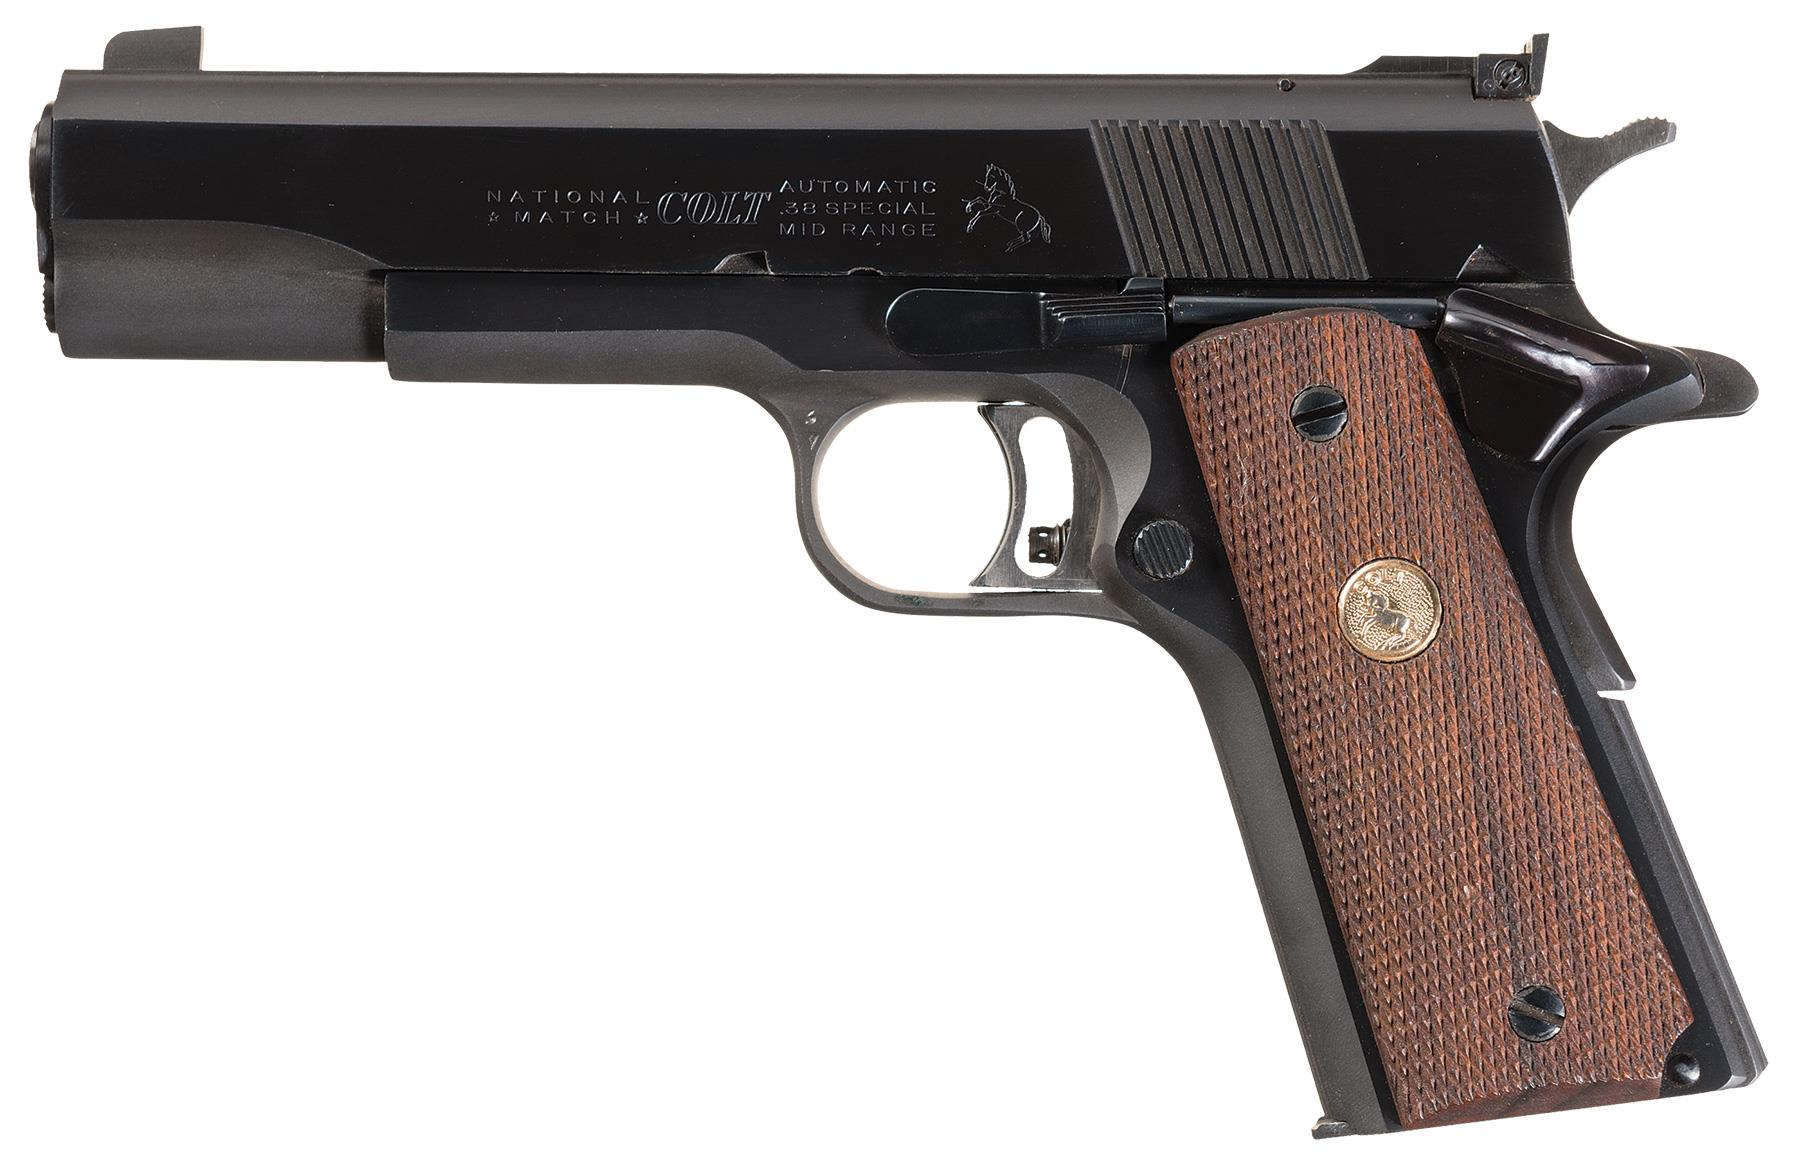 Colt National Match .38 Mid-Range Semi-Automatic